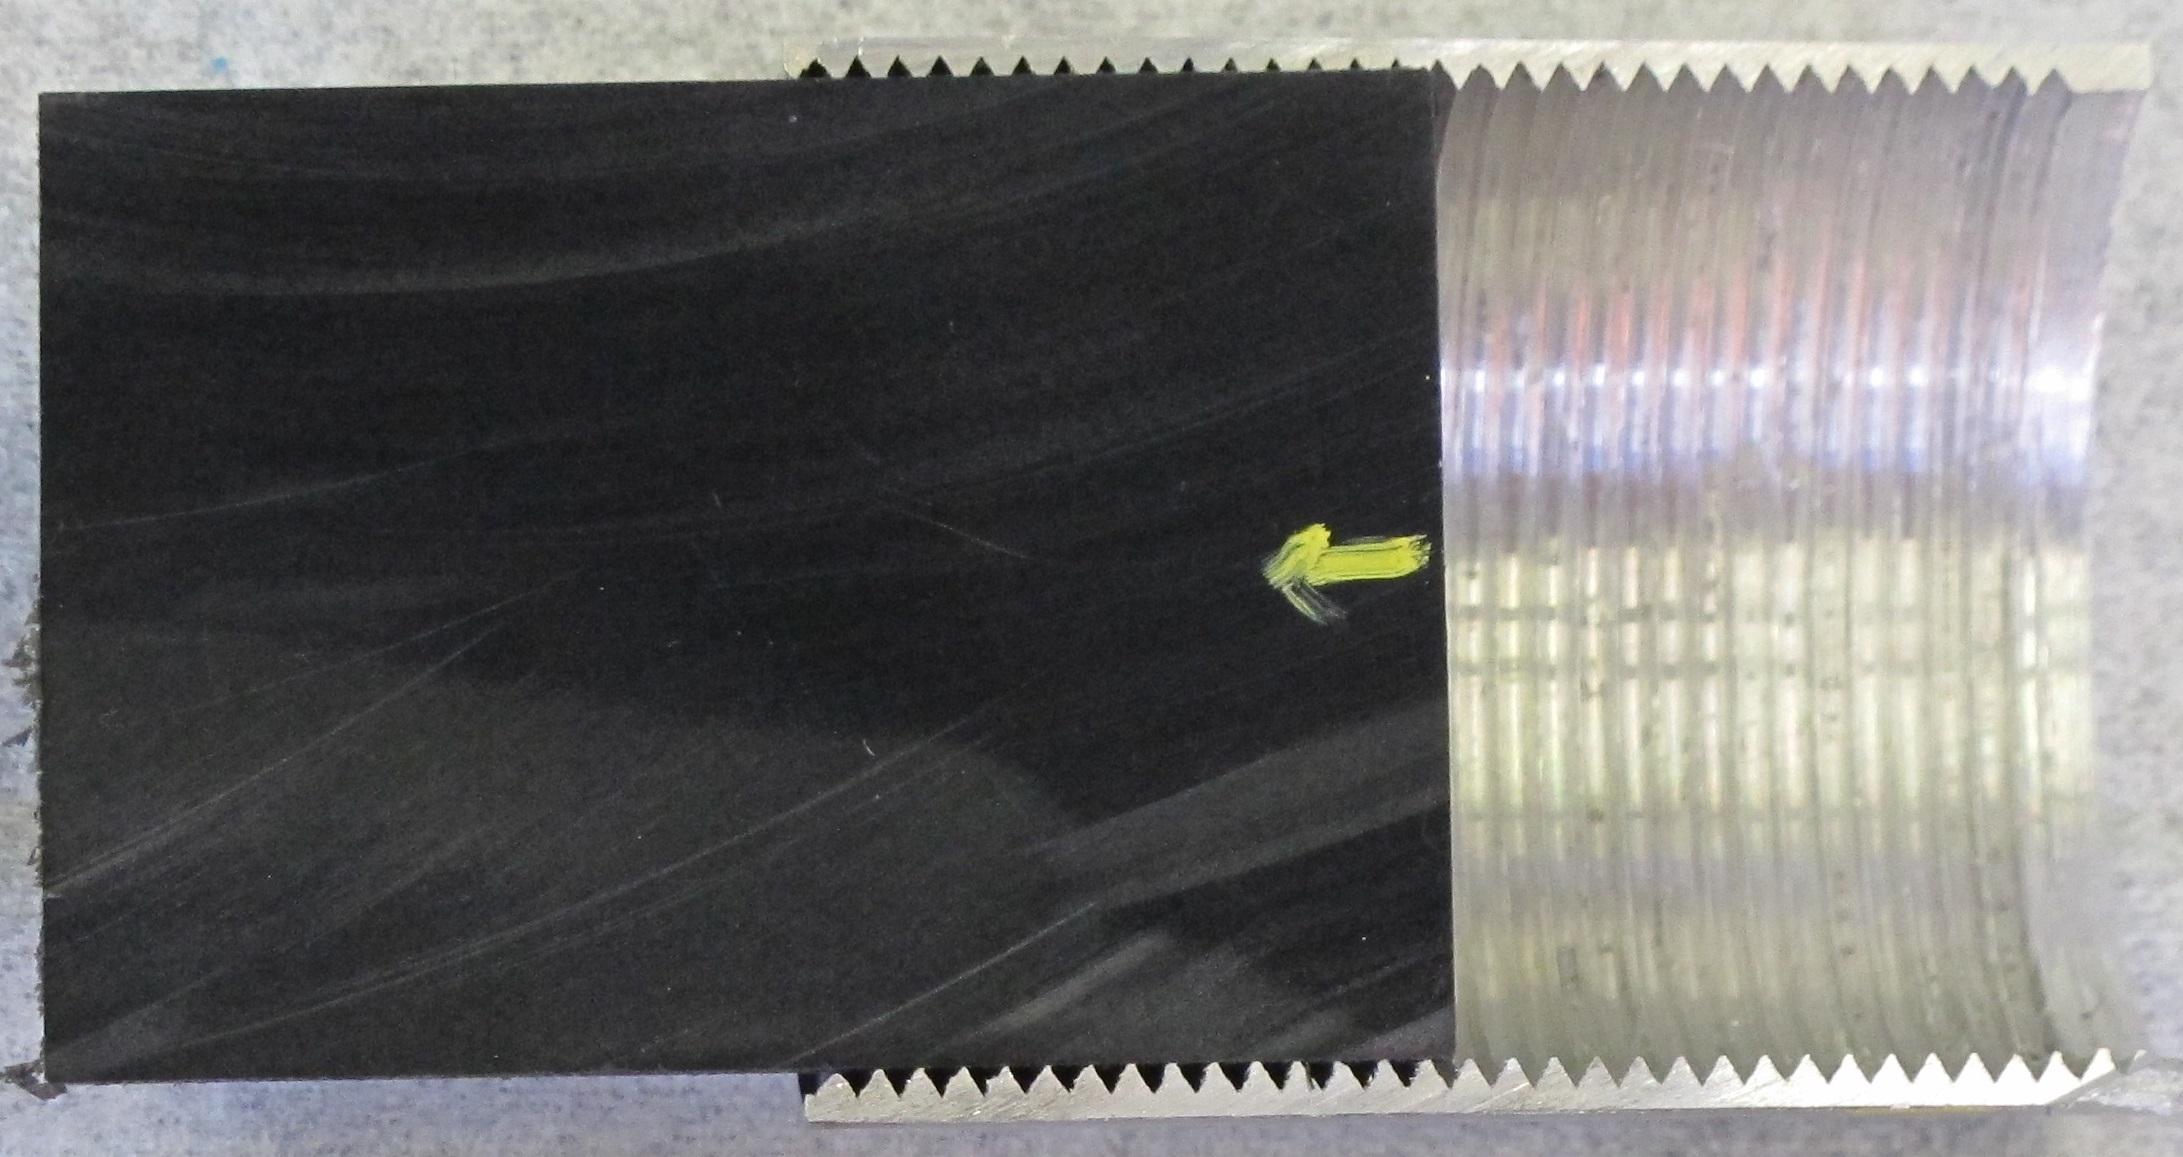 MetalMorphosis : Electromagnetic pulse technology for novel hybrid